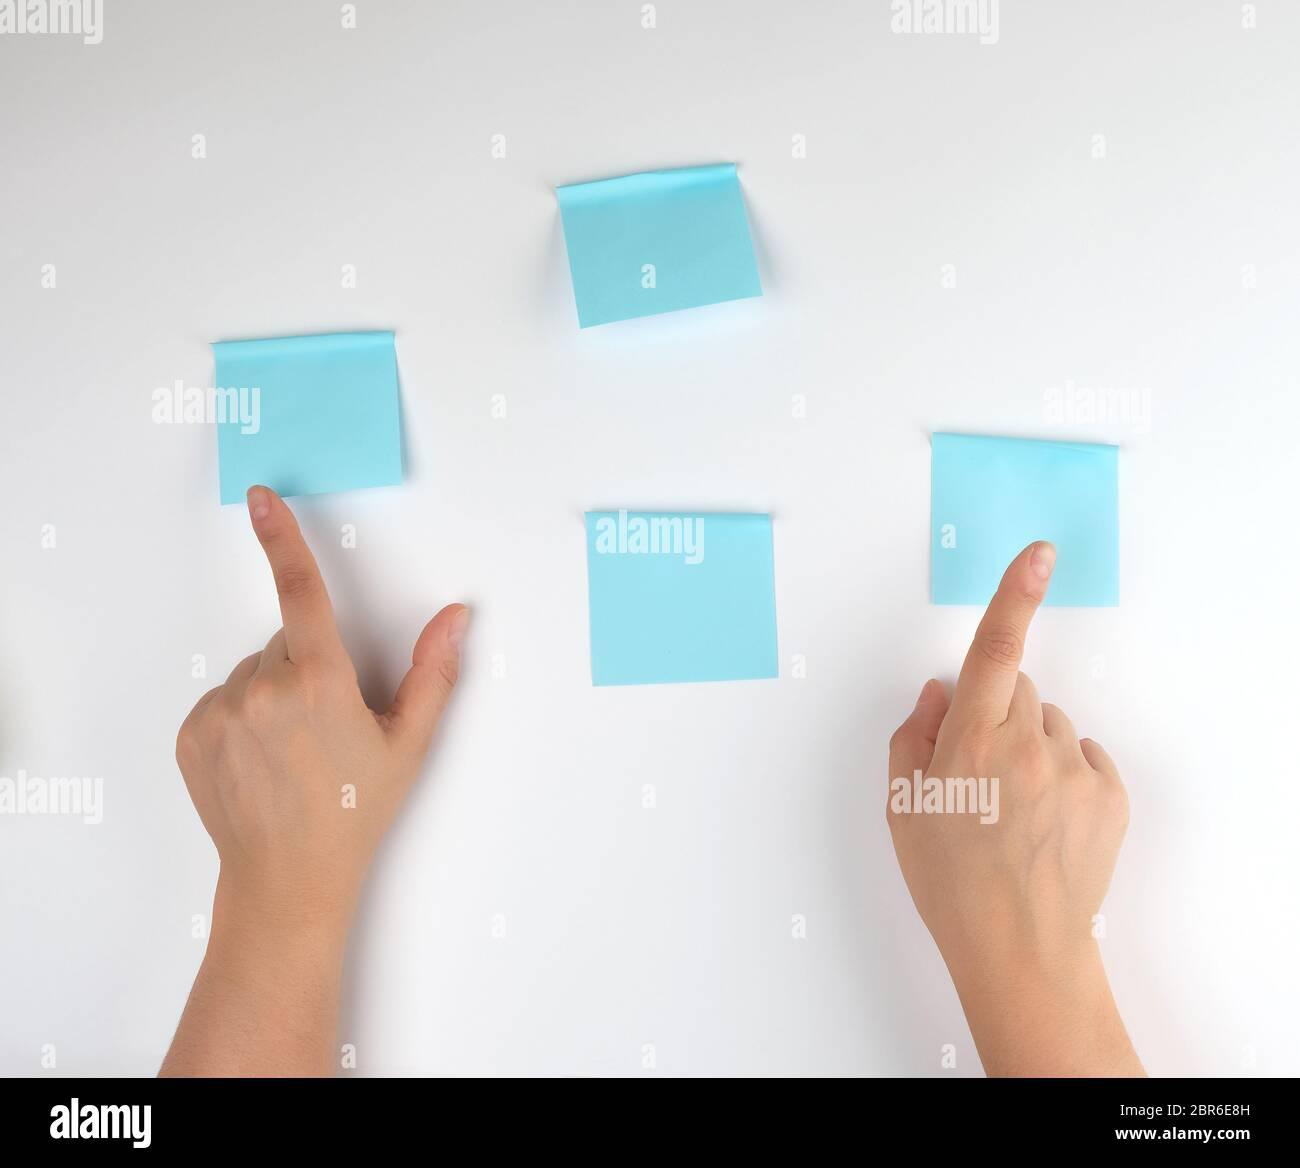 Beaucoup d'autocollants bleu sur un fond blanc et deux femmes mains pointant sur eux, contexte conceptuel Banque D'Images